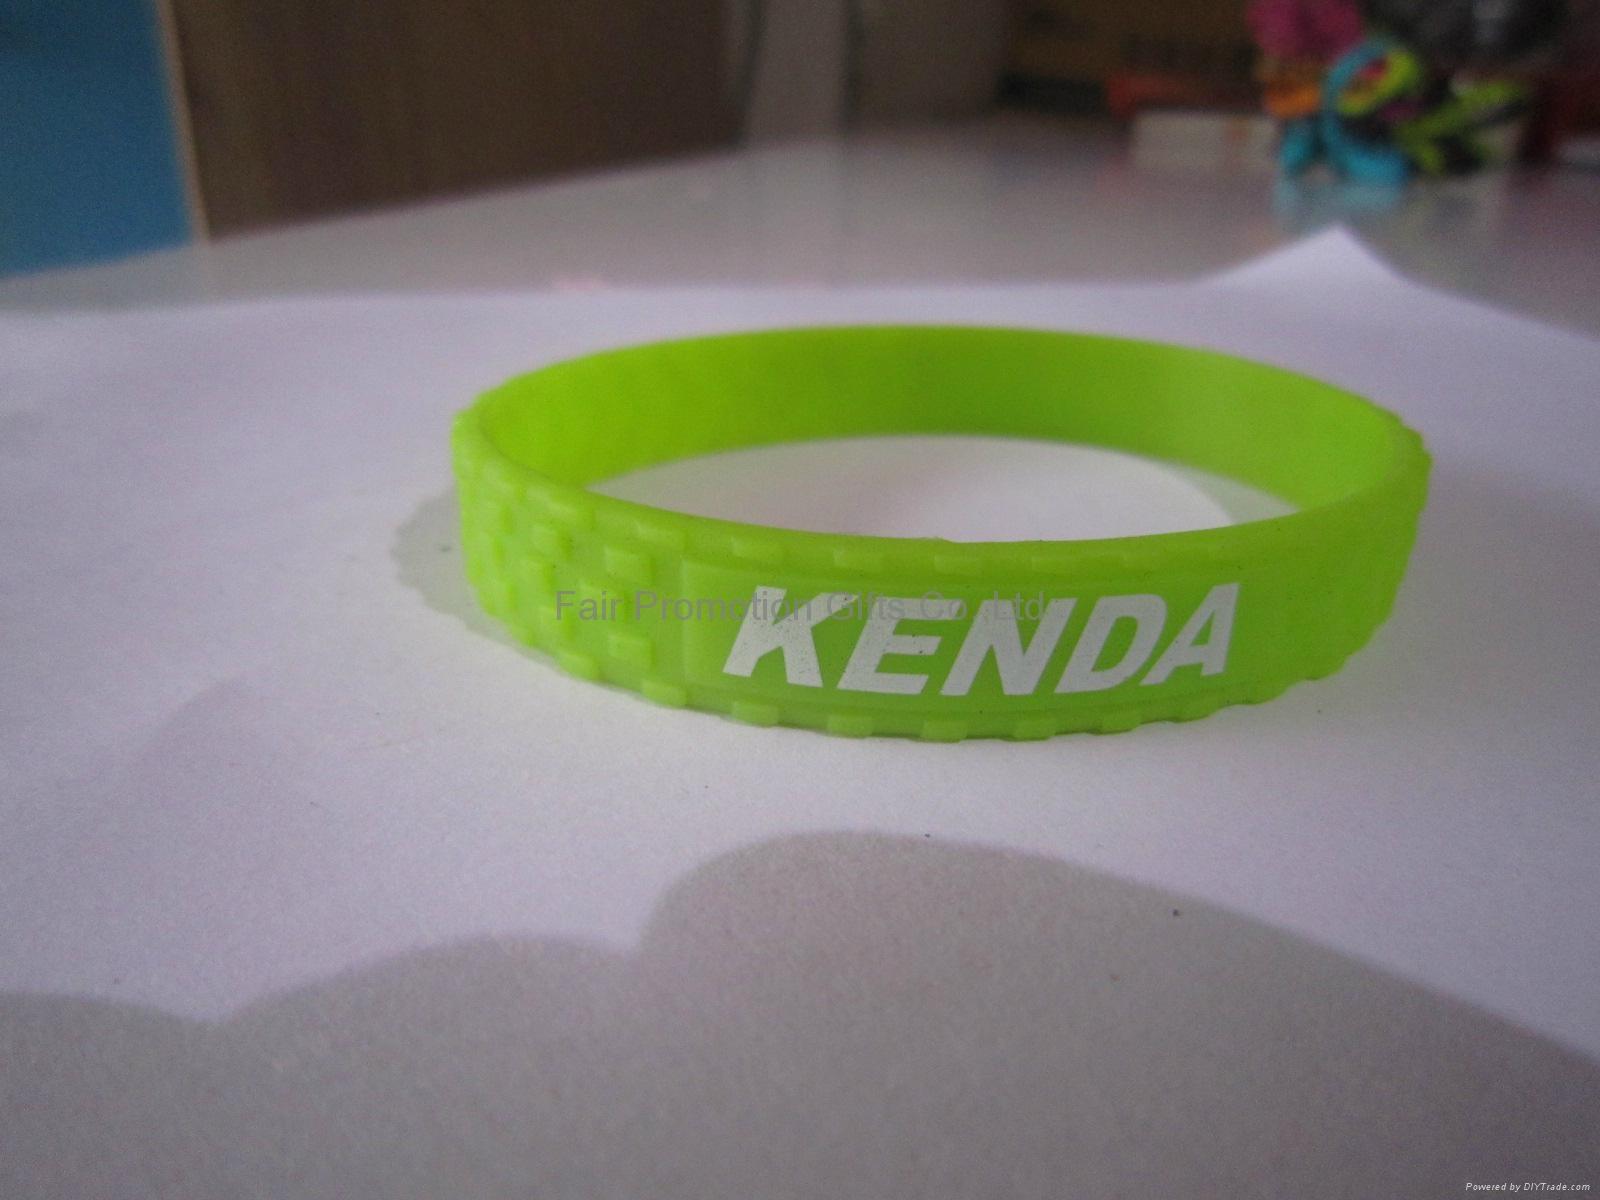 2015 Kenda Bicycle Road Tire Bracelet 5